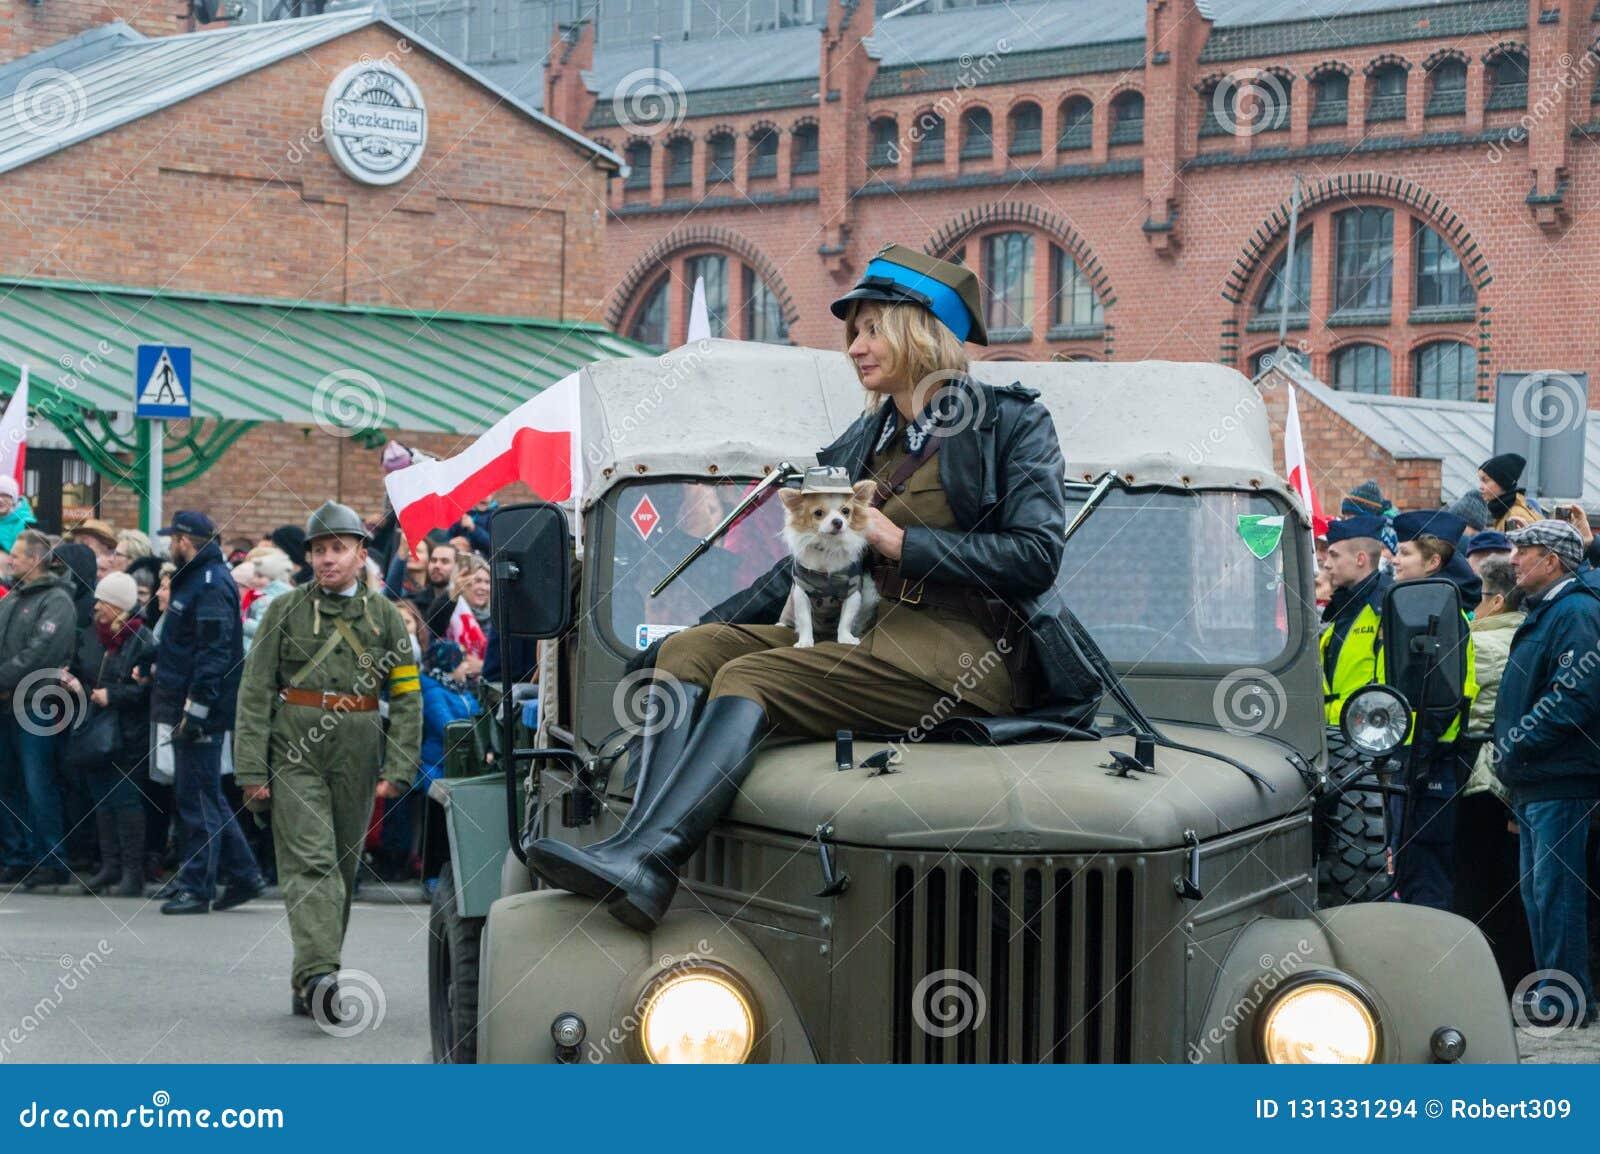 Vrouw In Historische Militair Eenvormig Met Hond Op De Auto Op 11